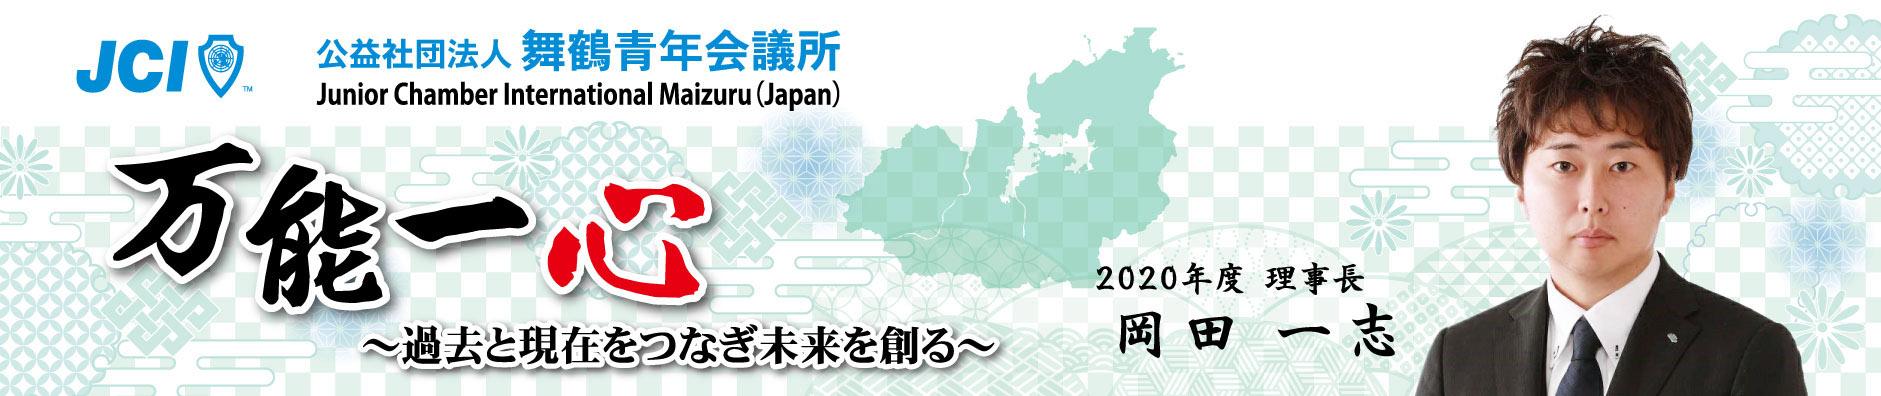 公益社団法人 舞鶴青年会議所 2020年度ホームページ